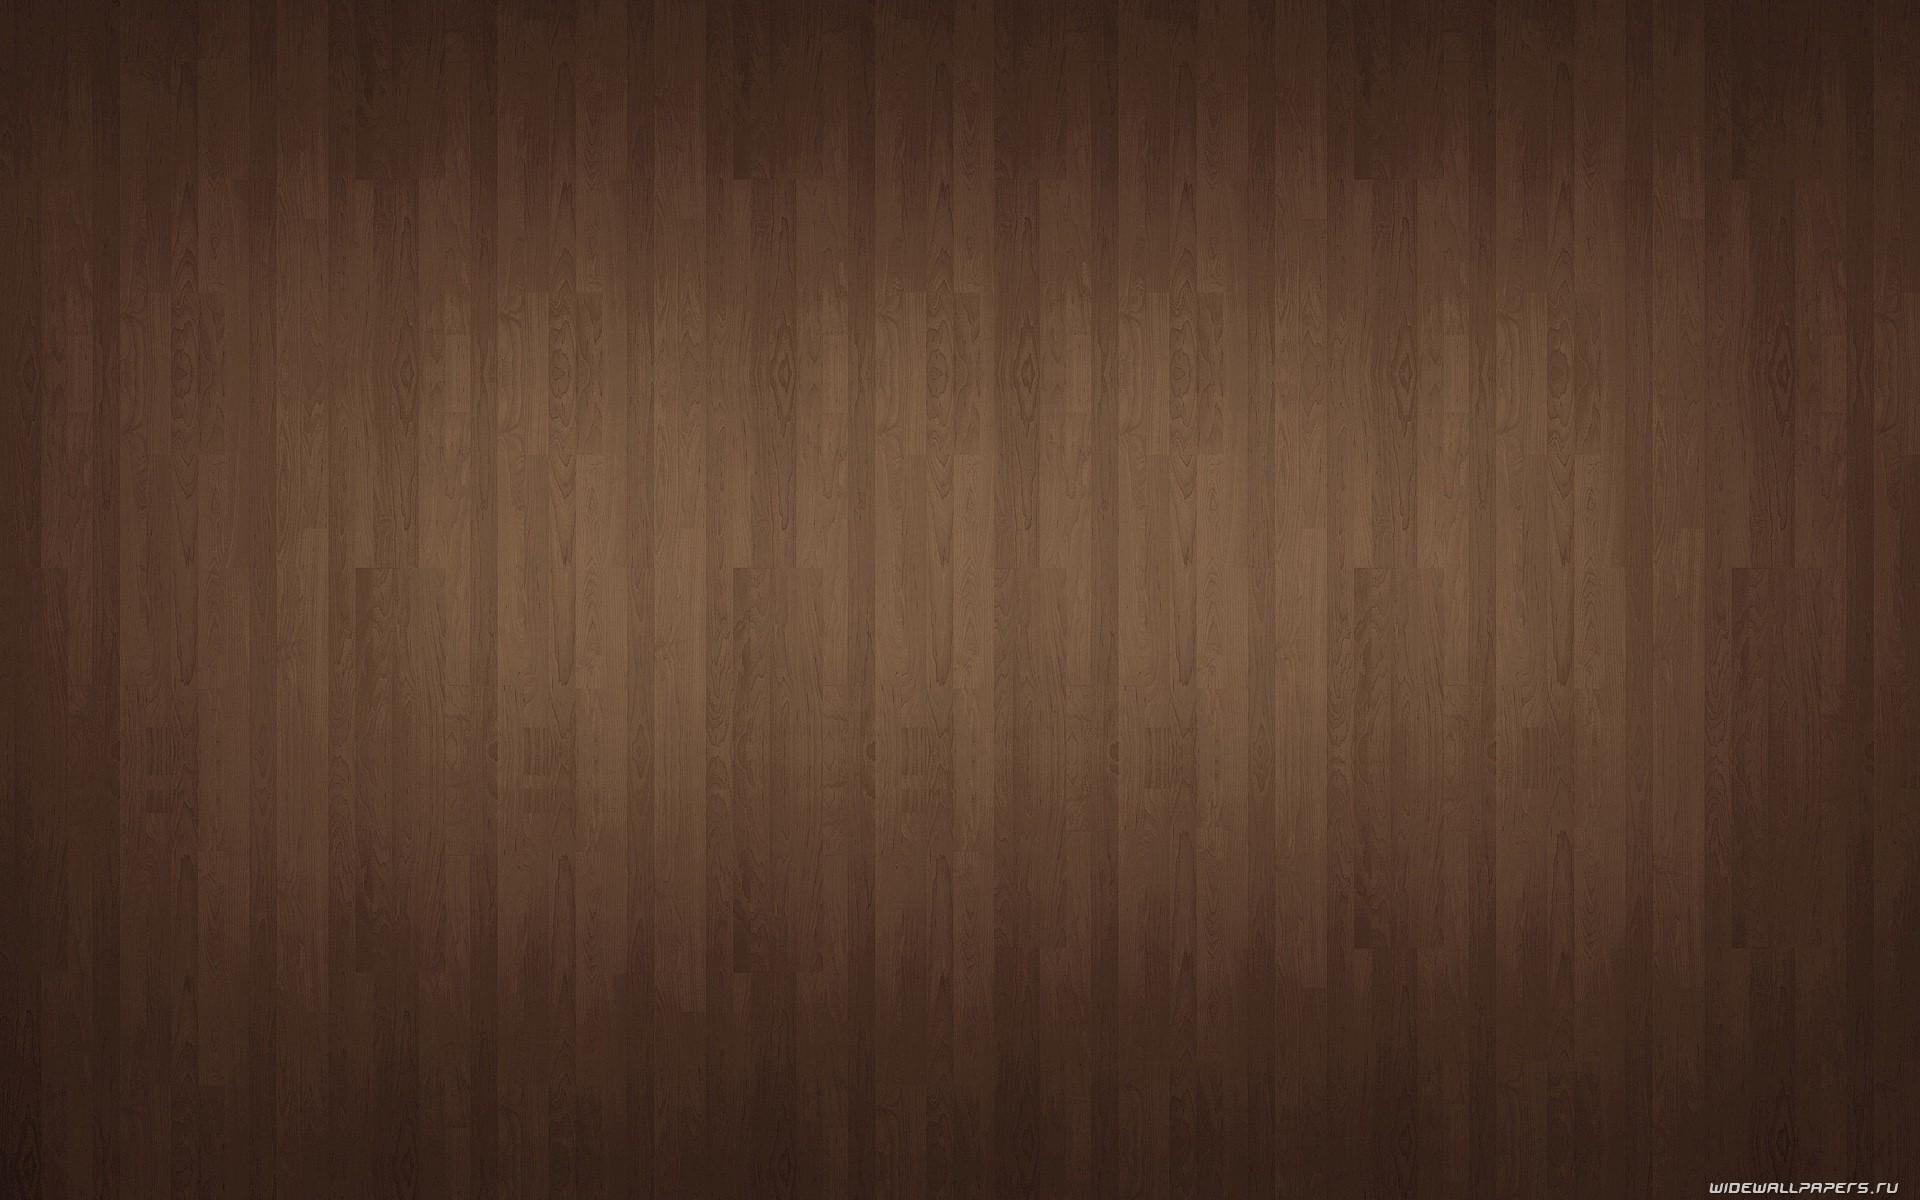 holz braun muster textur holzbretter stock hartholz sperrholz bodenbelag holzboden holzbeize laminatboden - Hartholz Oder Laminatboden